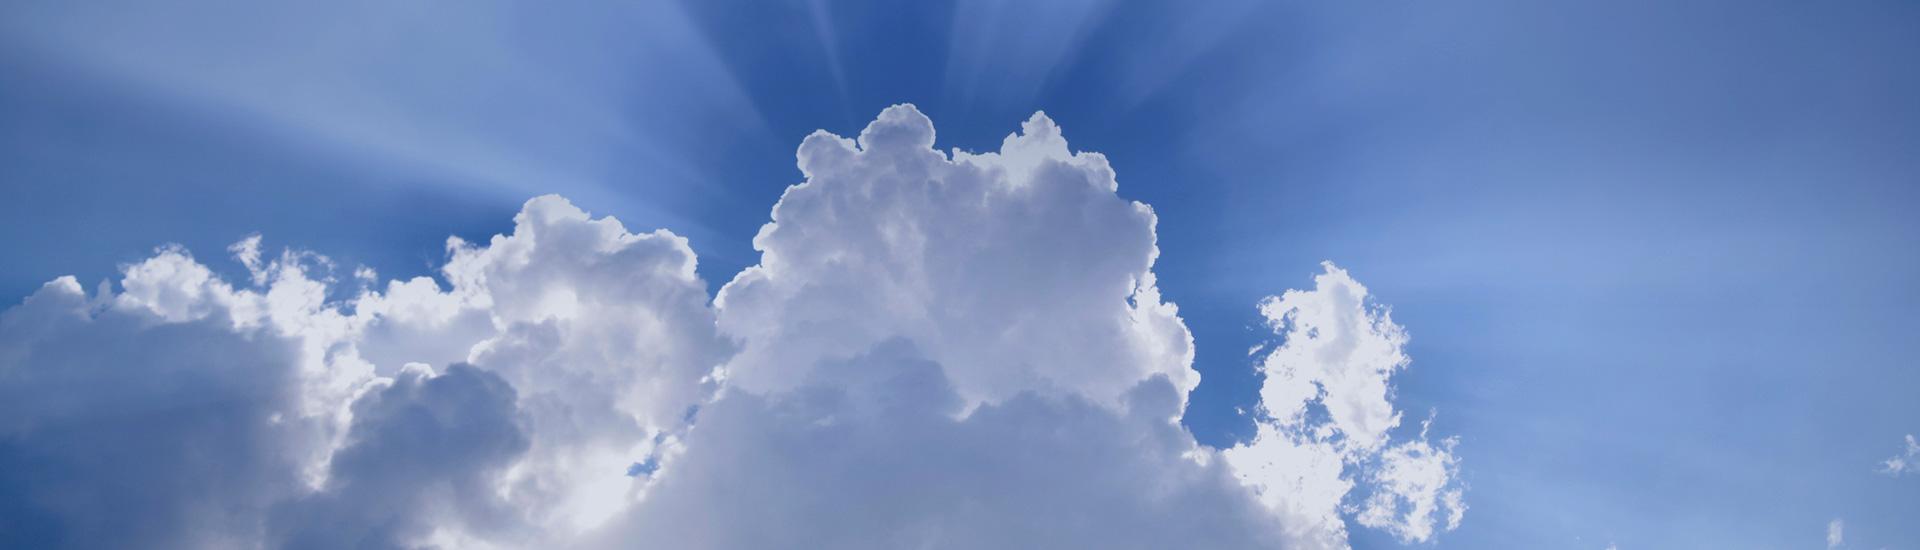 Vsledek obrzku pro sky